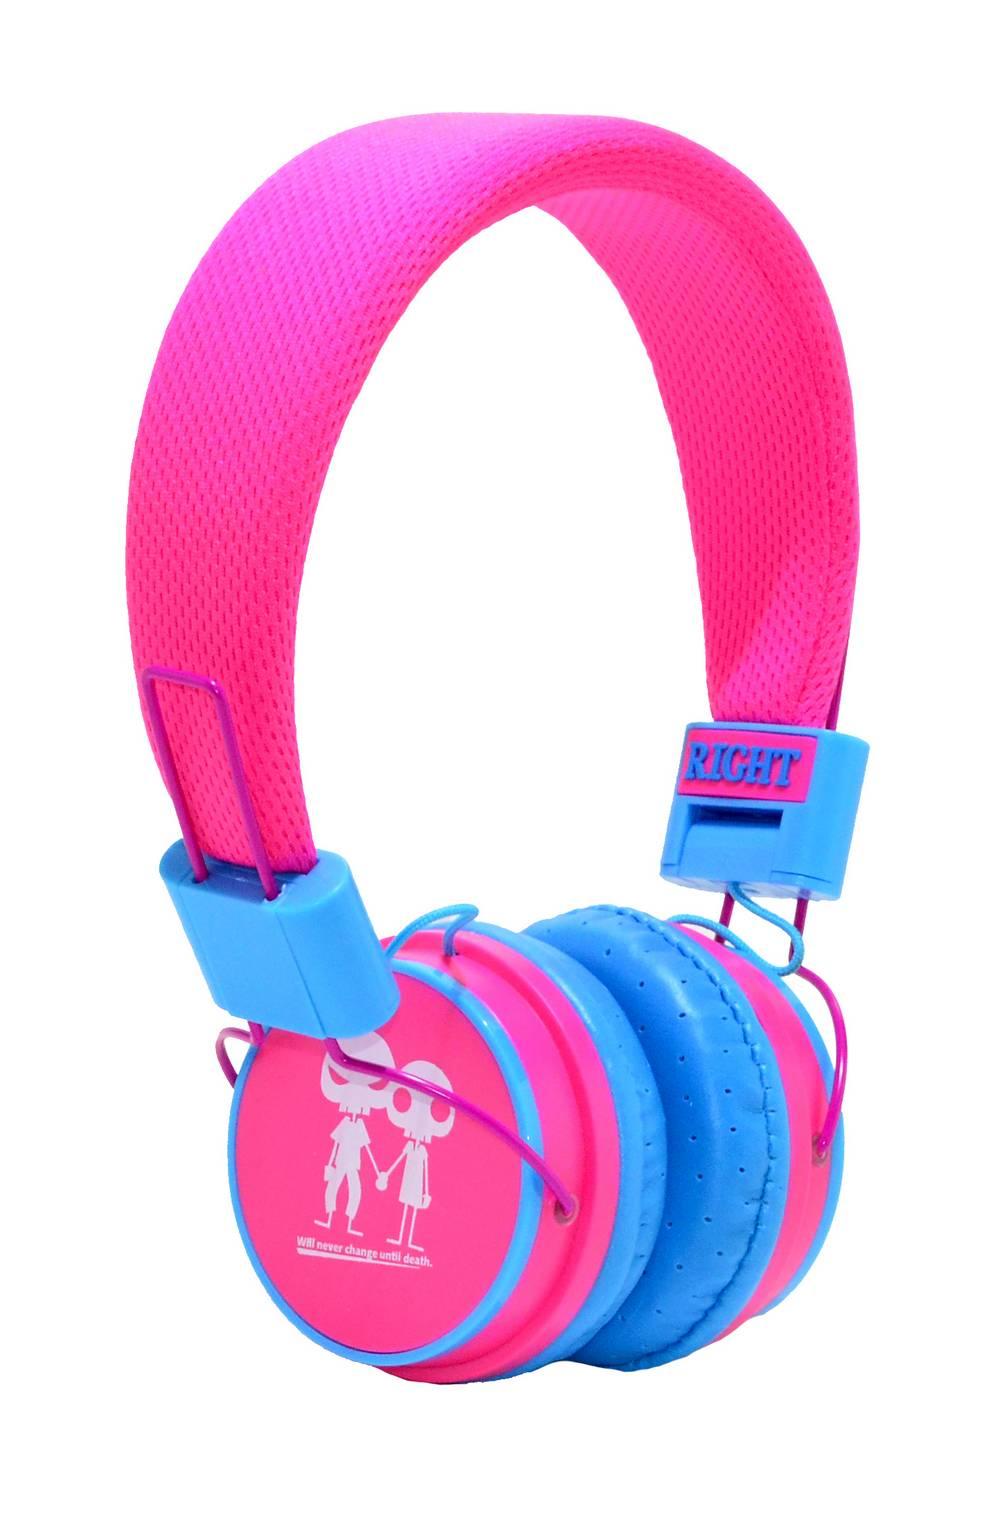 Ακουστικά Stereo Baby EP-15 3.5 mm Φούξια - Μπλέ με Μικρόφωνο, Πλήκτρο Απάντησης για Κινητά, mp3, mp4 και Συσκευές Ήχου